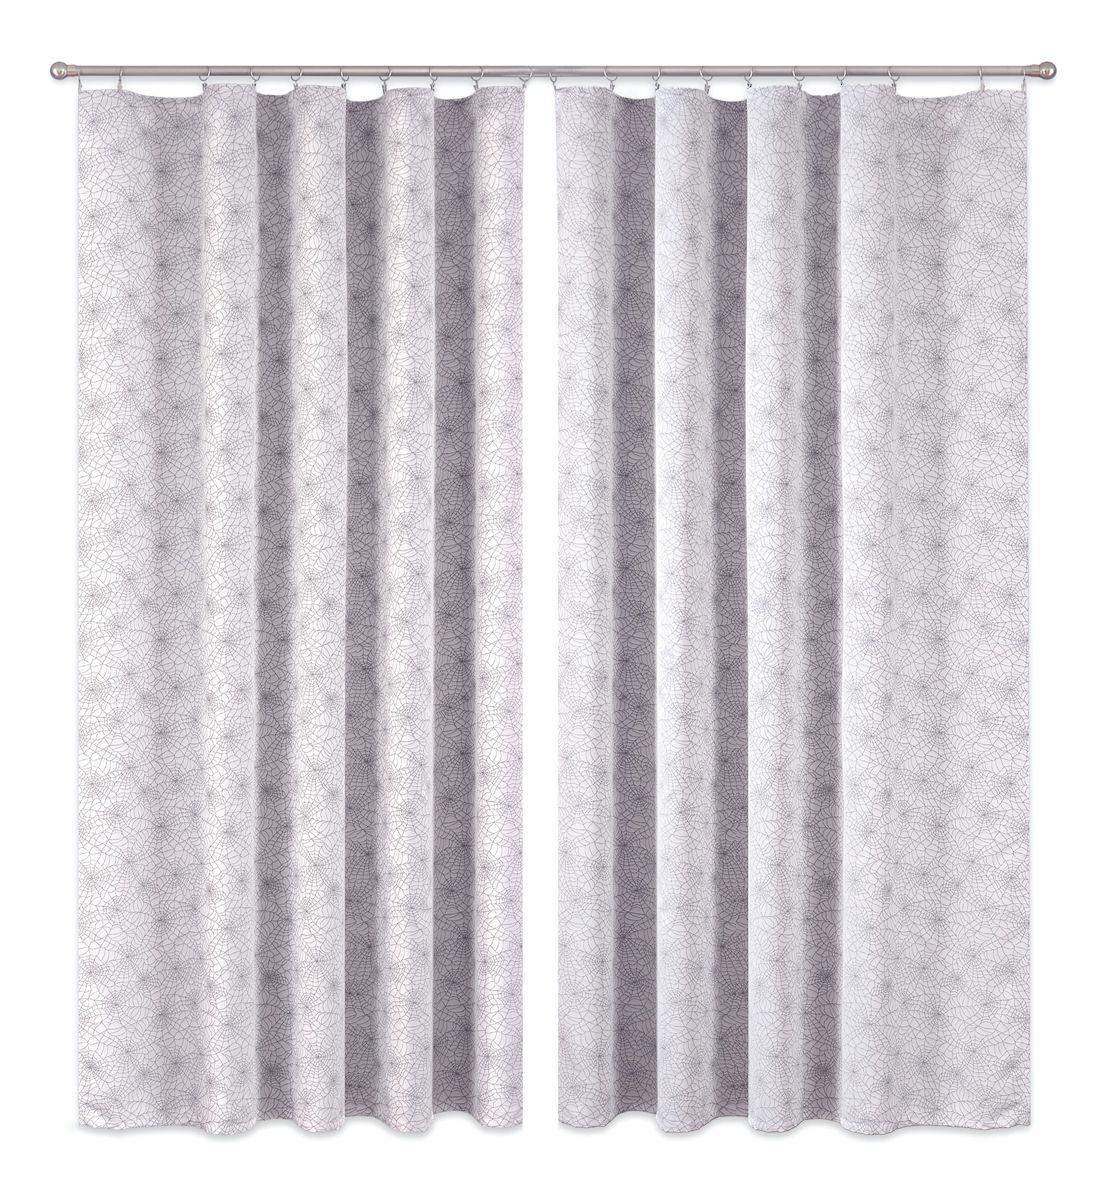 Комплект штор P Primavera Firany, цвет: серый, высота 270 см. 1110002S03301004Комплект шториз полиэстровой жаккардовой ткани с пришитой шторнойлентой. Размер - ширина 180 см высота 270см. Набор 2 штуки. Цвет серый.Размер: ширина 180 х высота 270